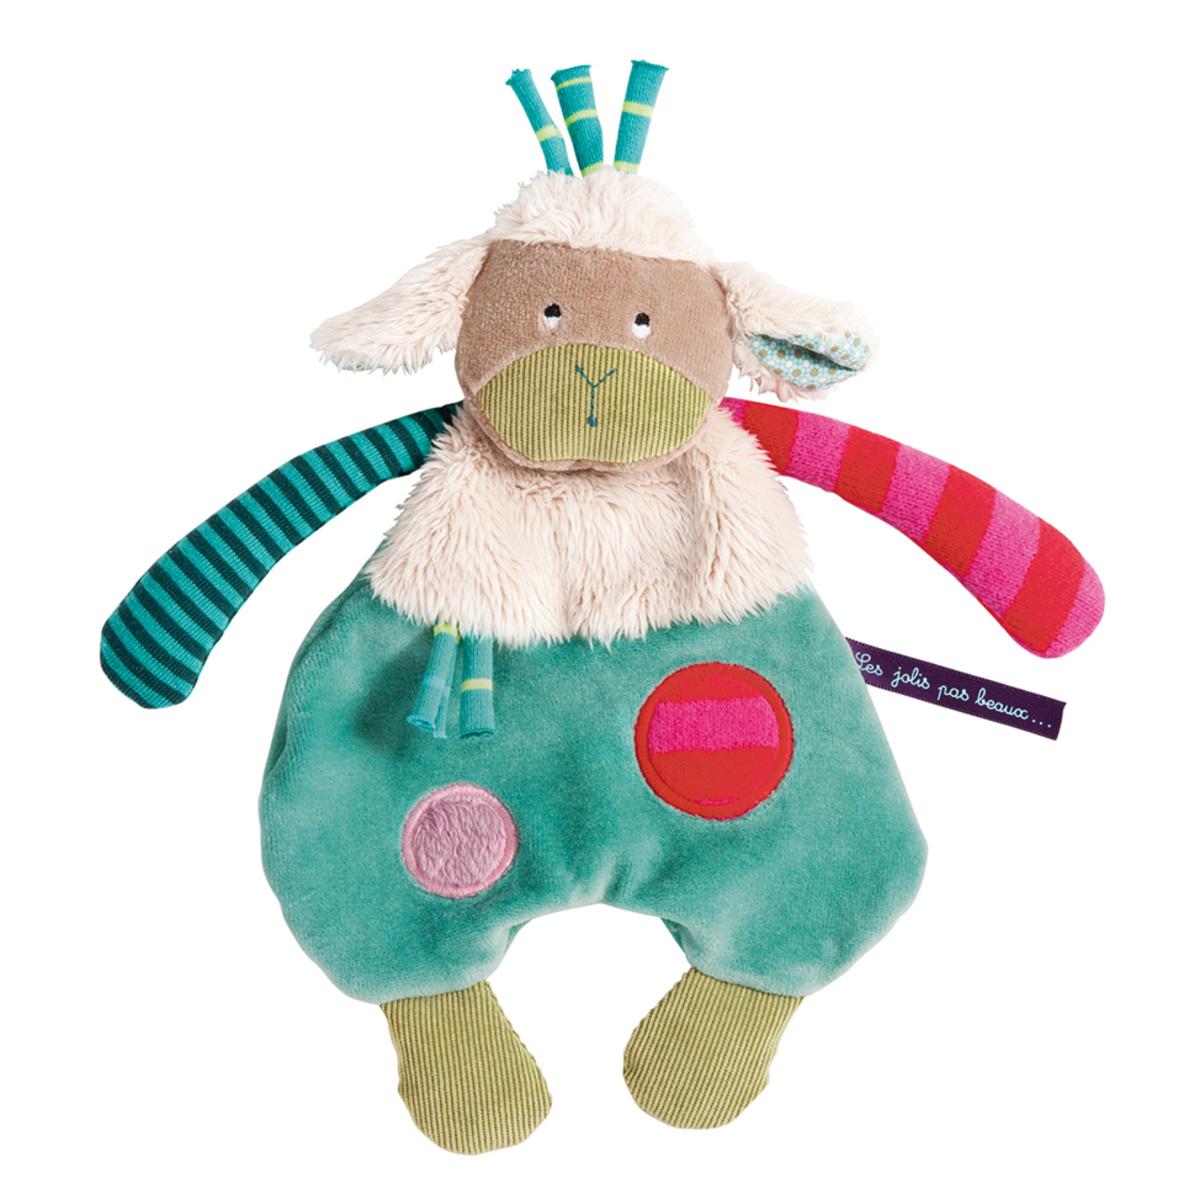 """Doudou Doudou Mouton """"Les Jolis Pas Beaux"""" Doudou Mouton """"Les Jolis Pas Beaux"""""""